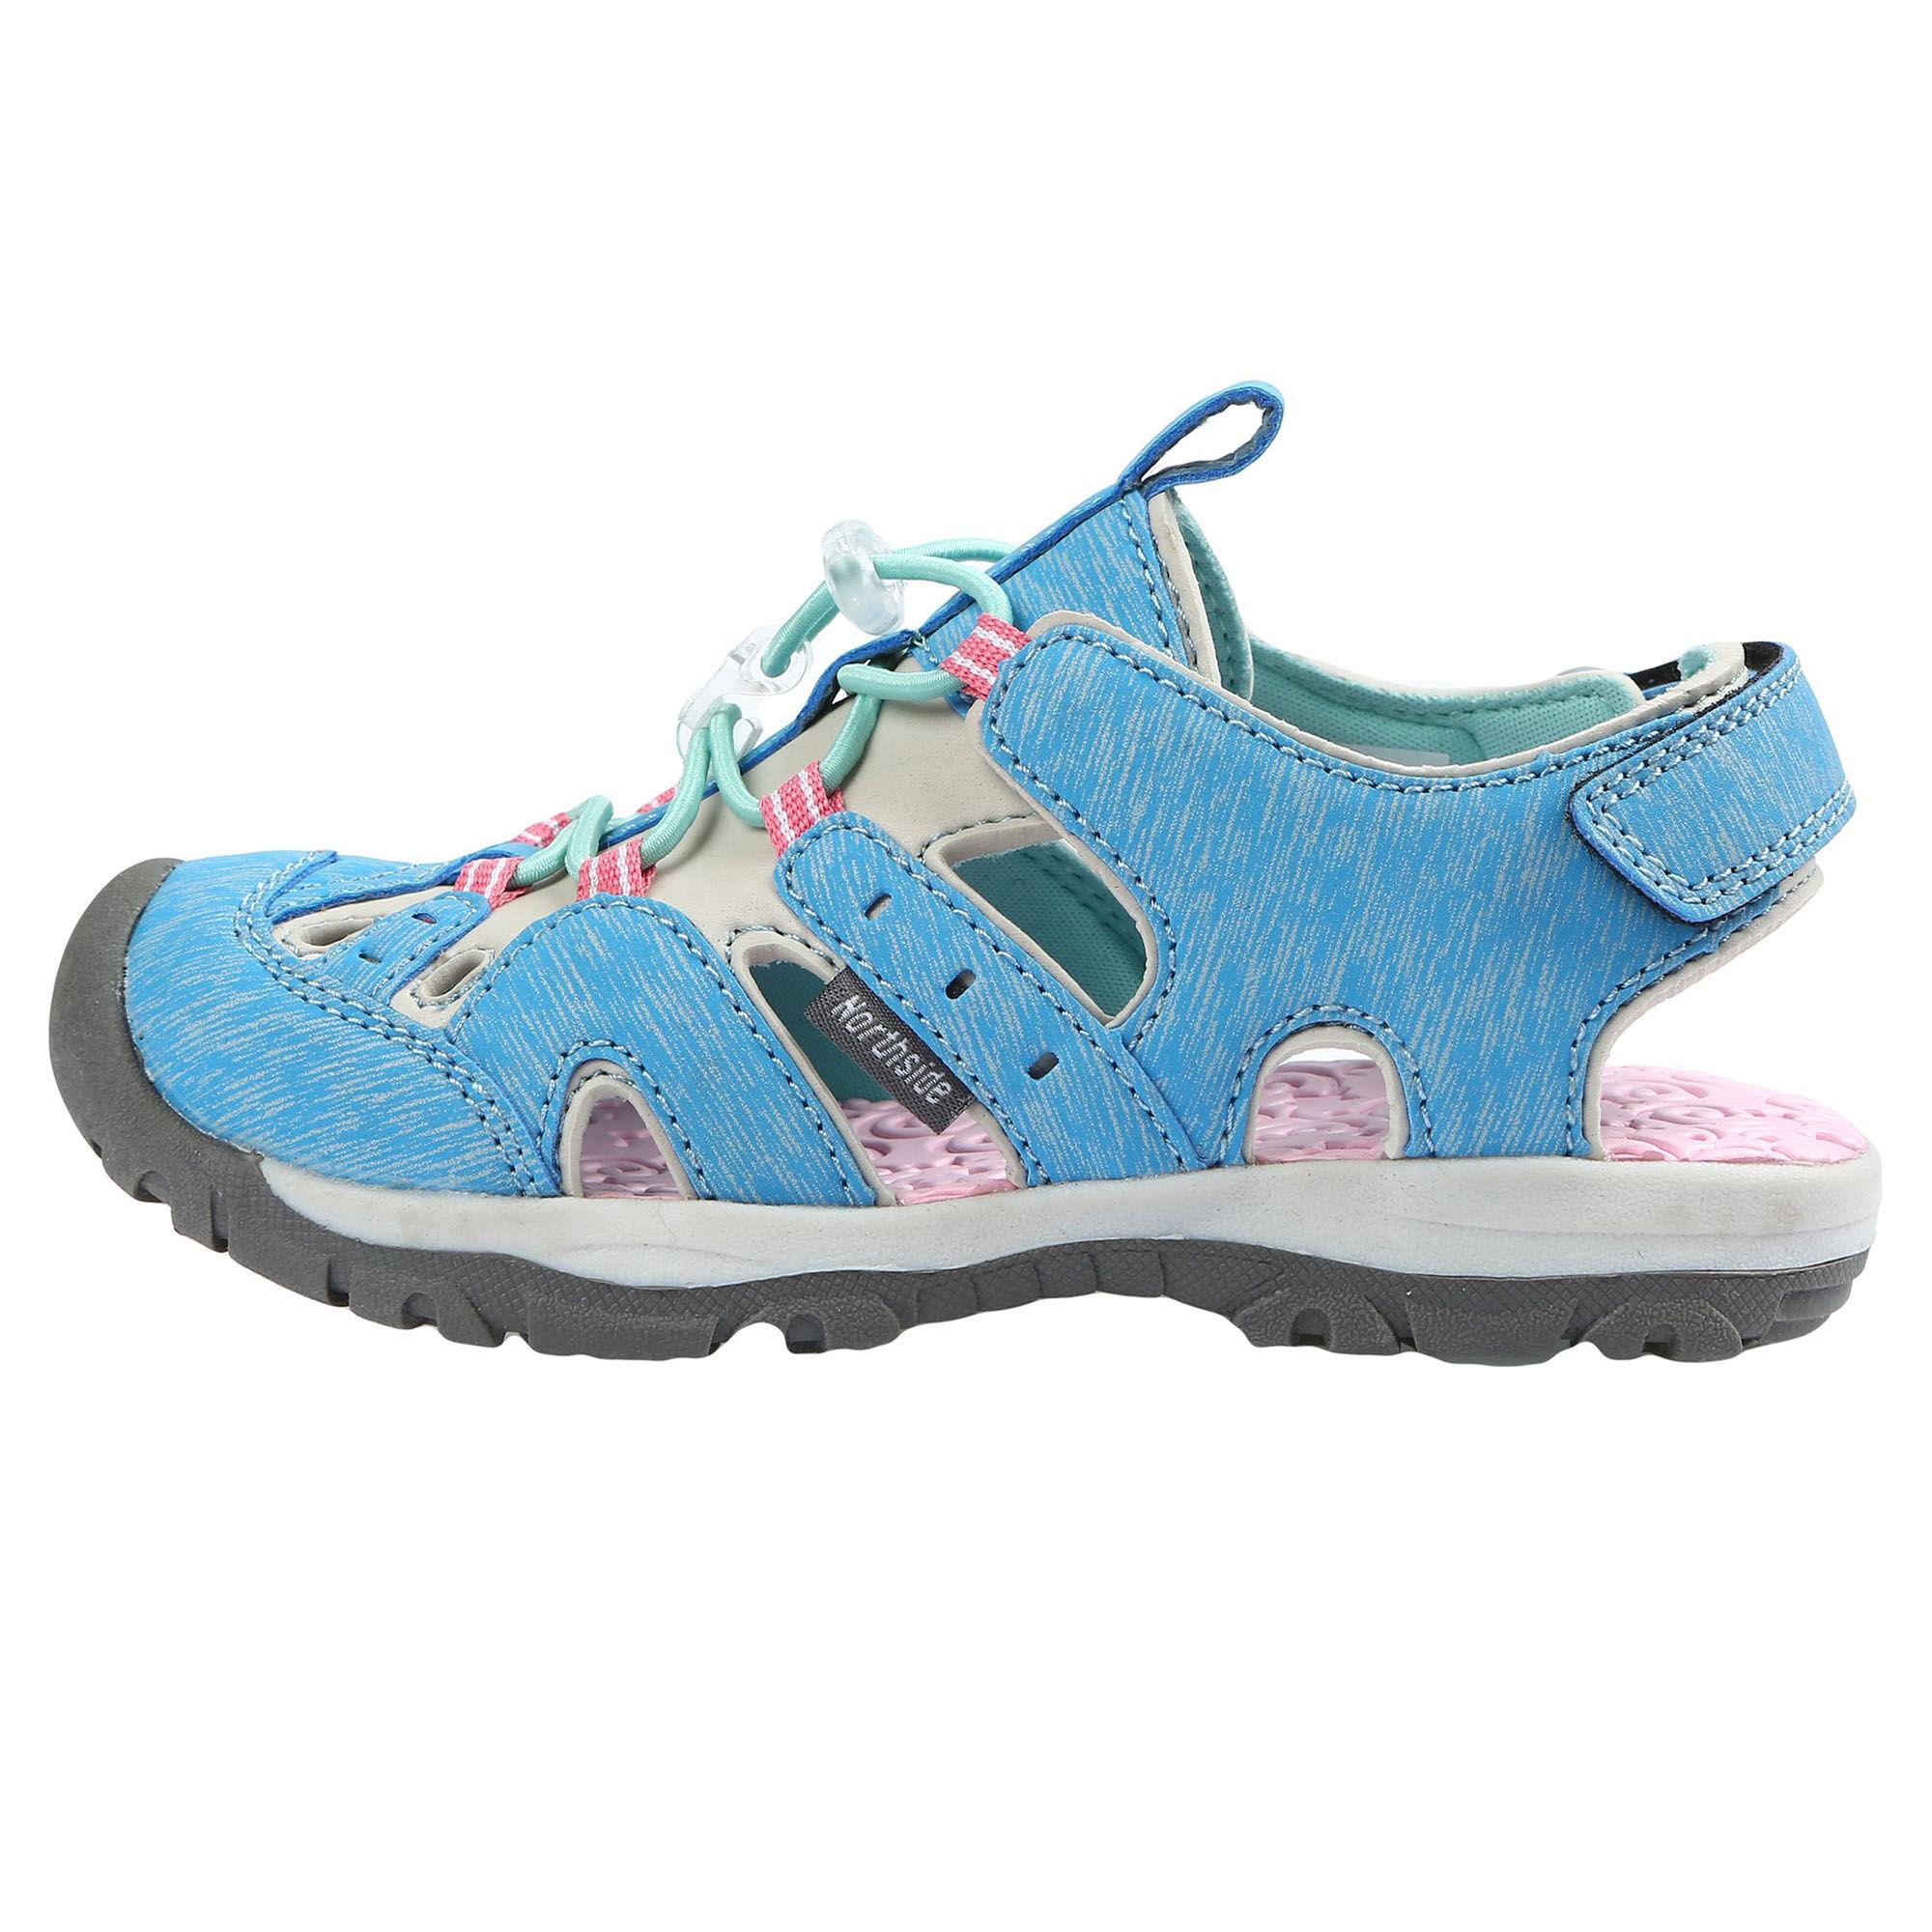 Northside Girl's Burke SE Sport Sandals  - Blue/Pink - Size: 5